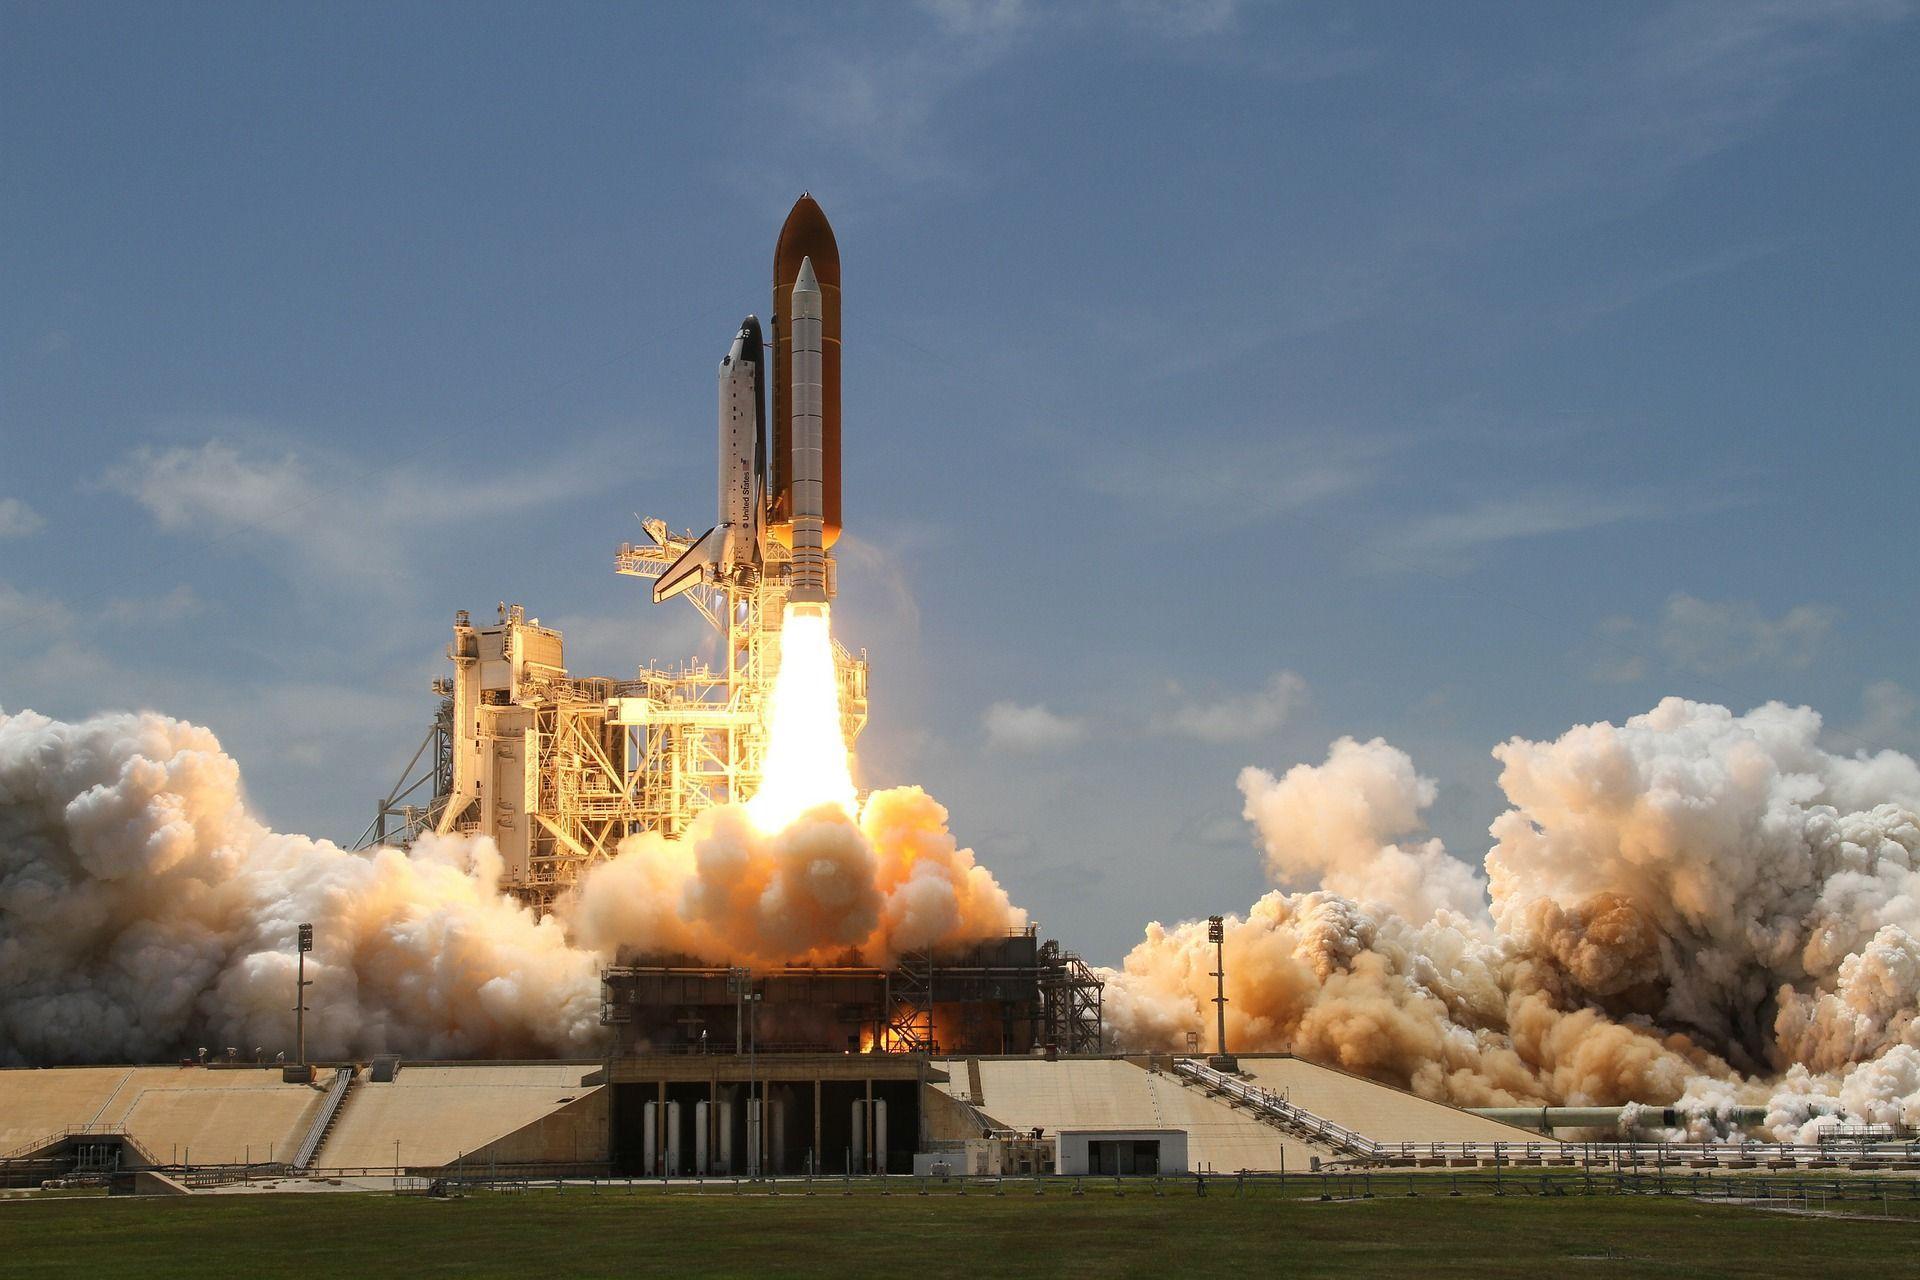 rocket-launch-67723_1920.jpg.2fd1b10eef3